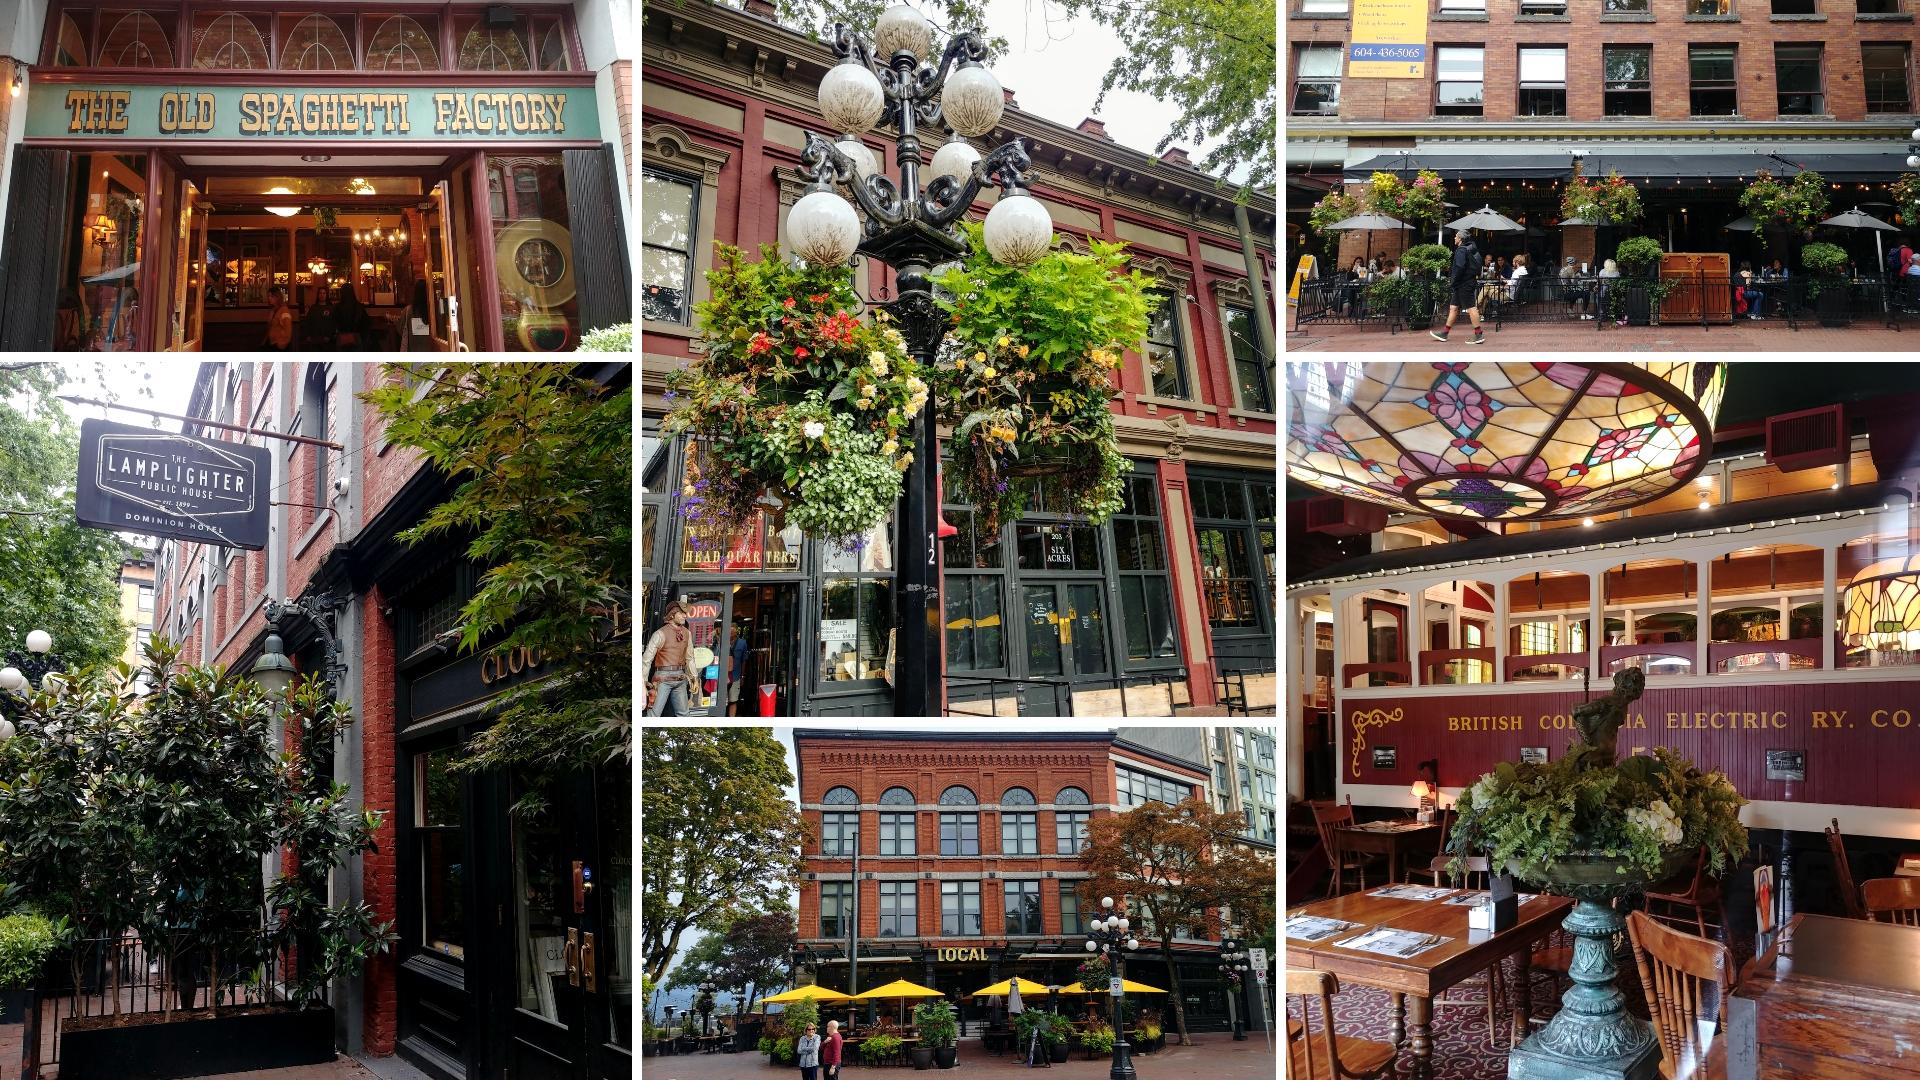 Vancouver gastown que faire balade blog voyage colombie-britannique arpenter le chemin